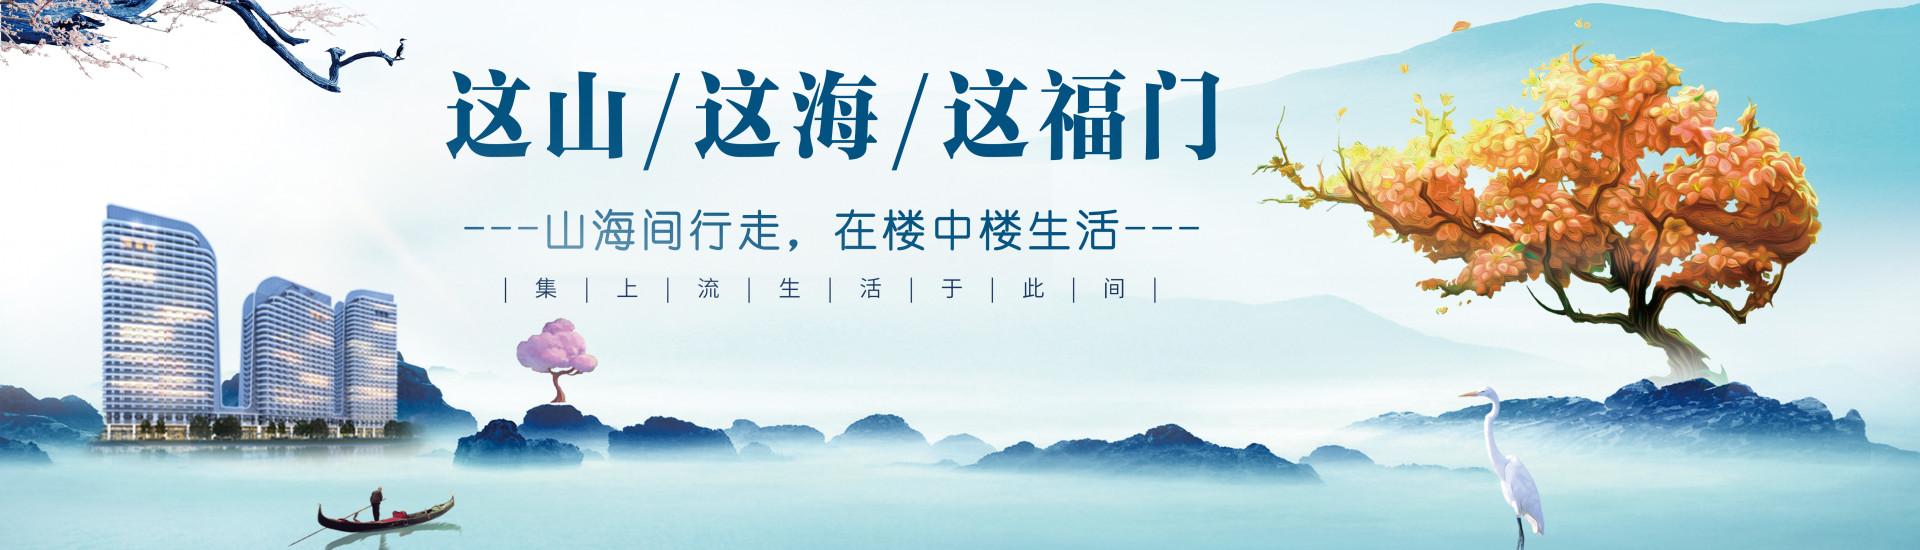 洱海福门国际